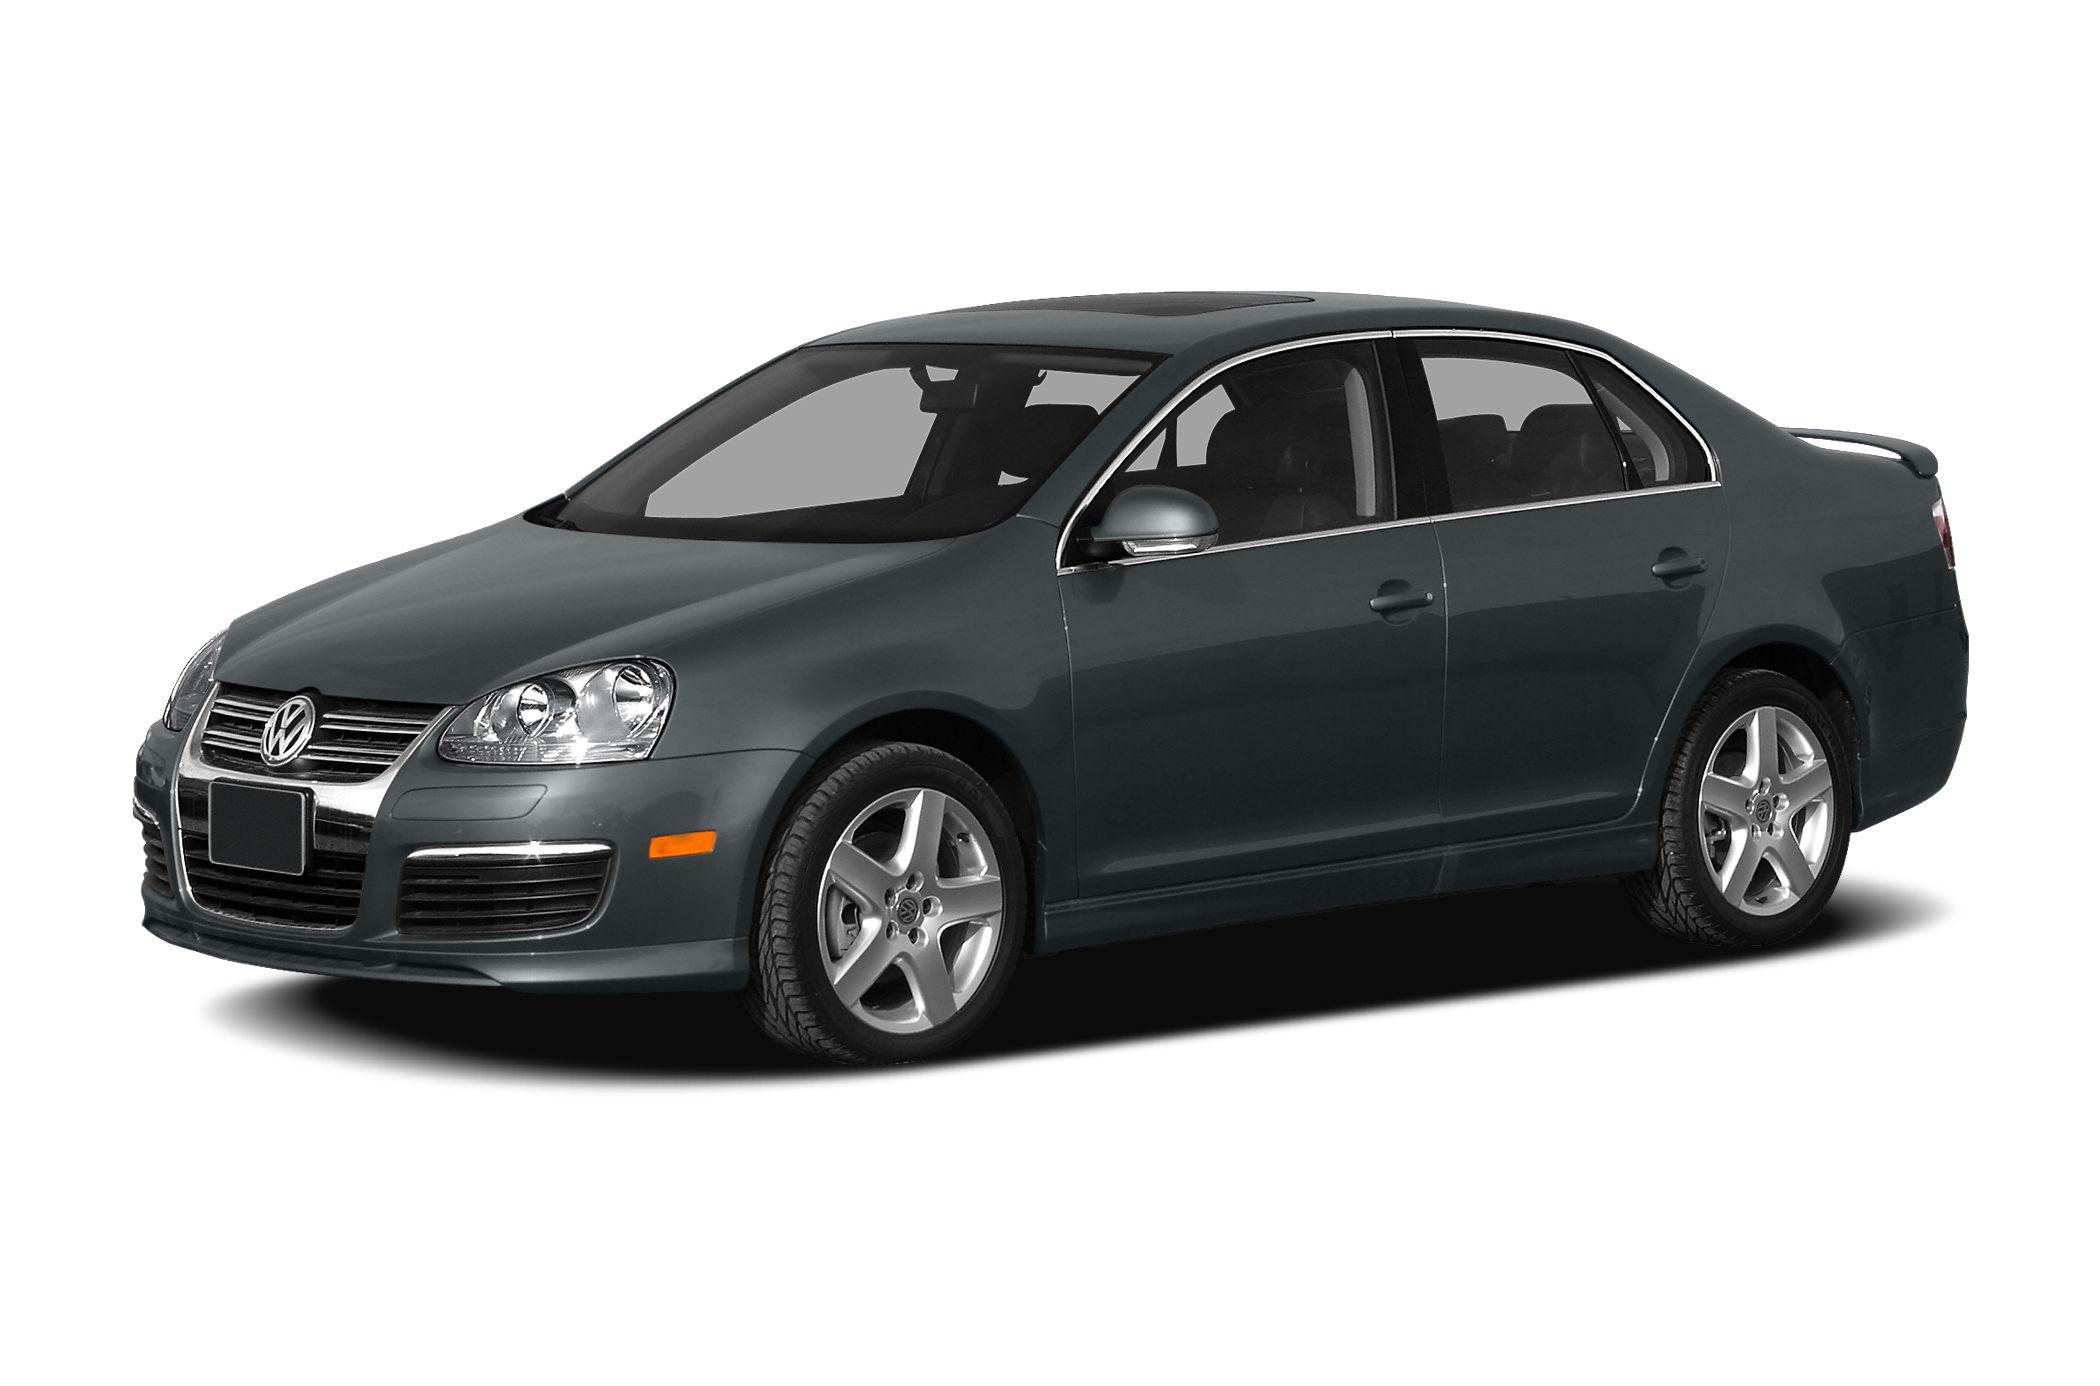 2009 Volkswagen Jetta Specs